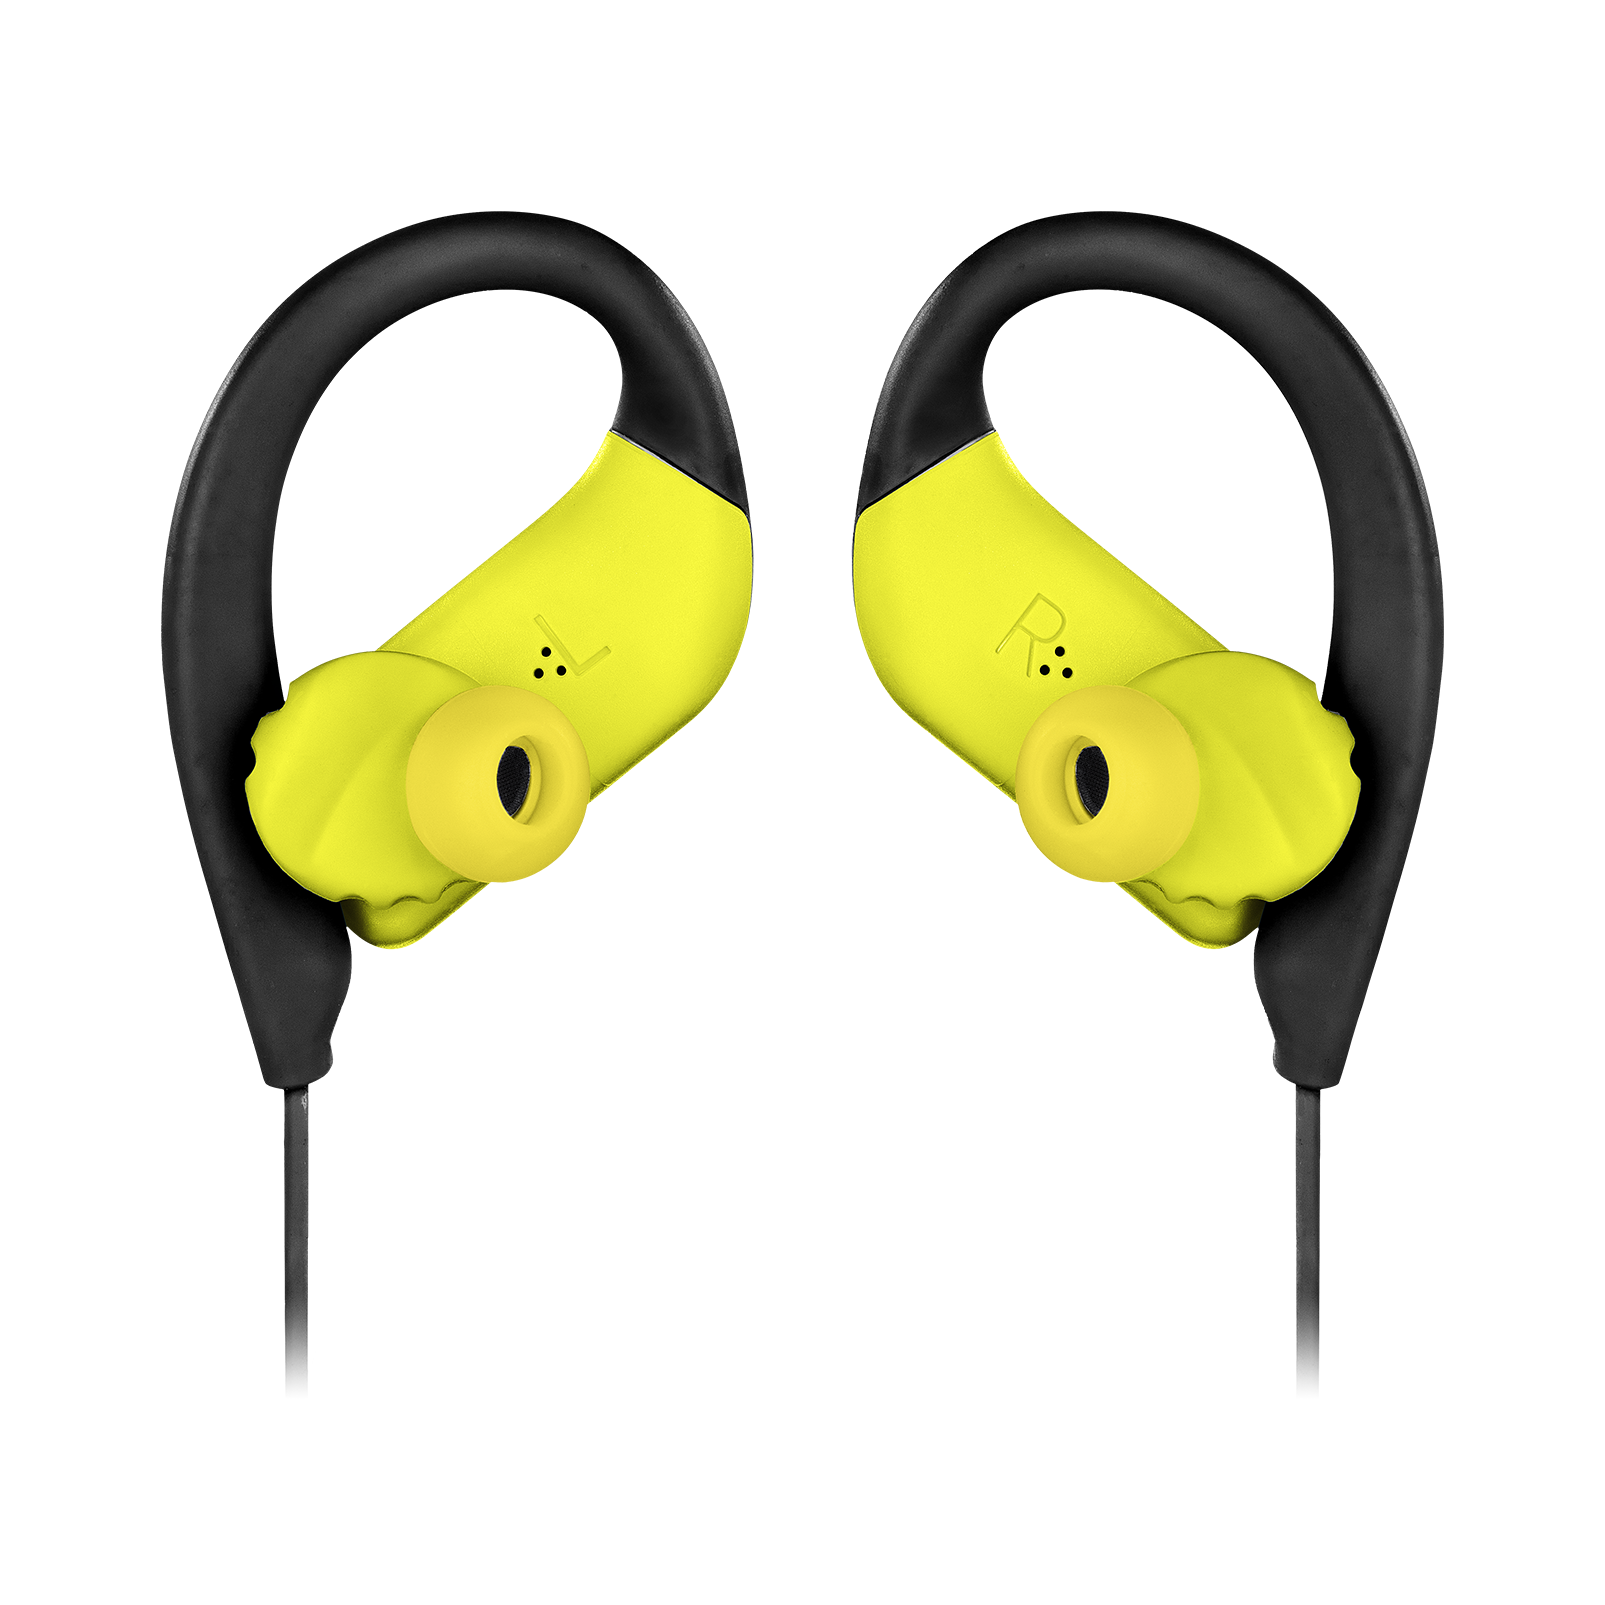 JBL Endurance SPRINT - Yellow - Waterproof Wireless In-Ear Sport Headphones - Detailshot 3